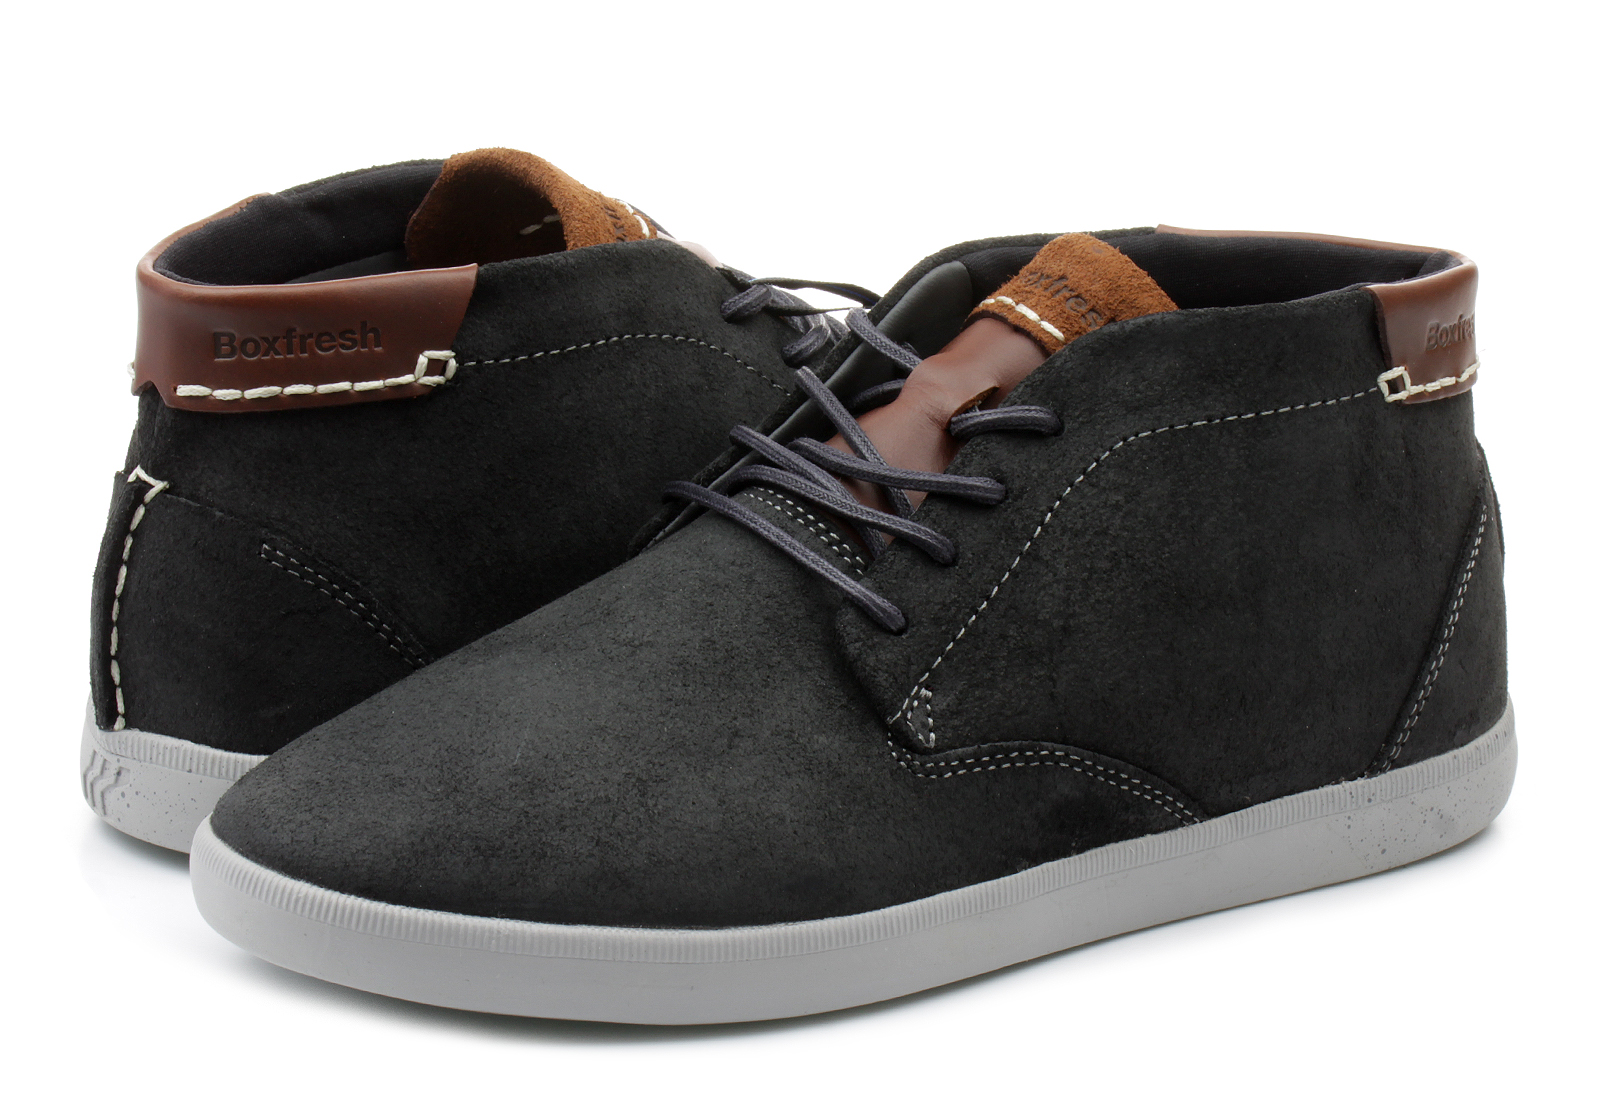 Boxfresh Nízké boty Alvendon